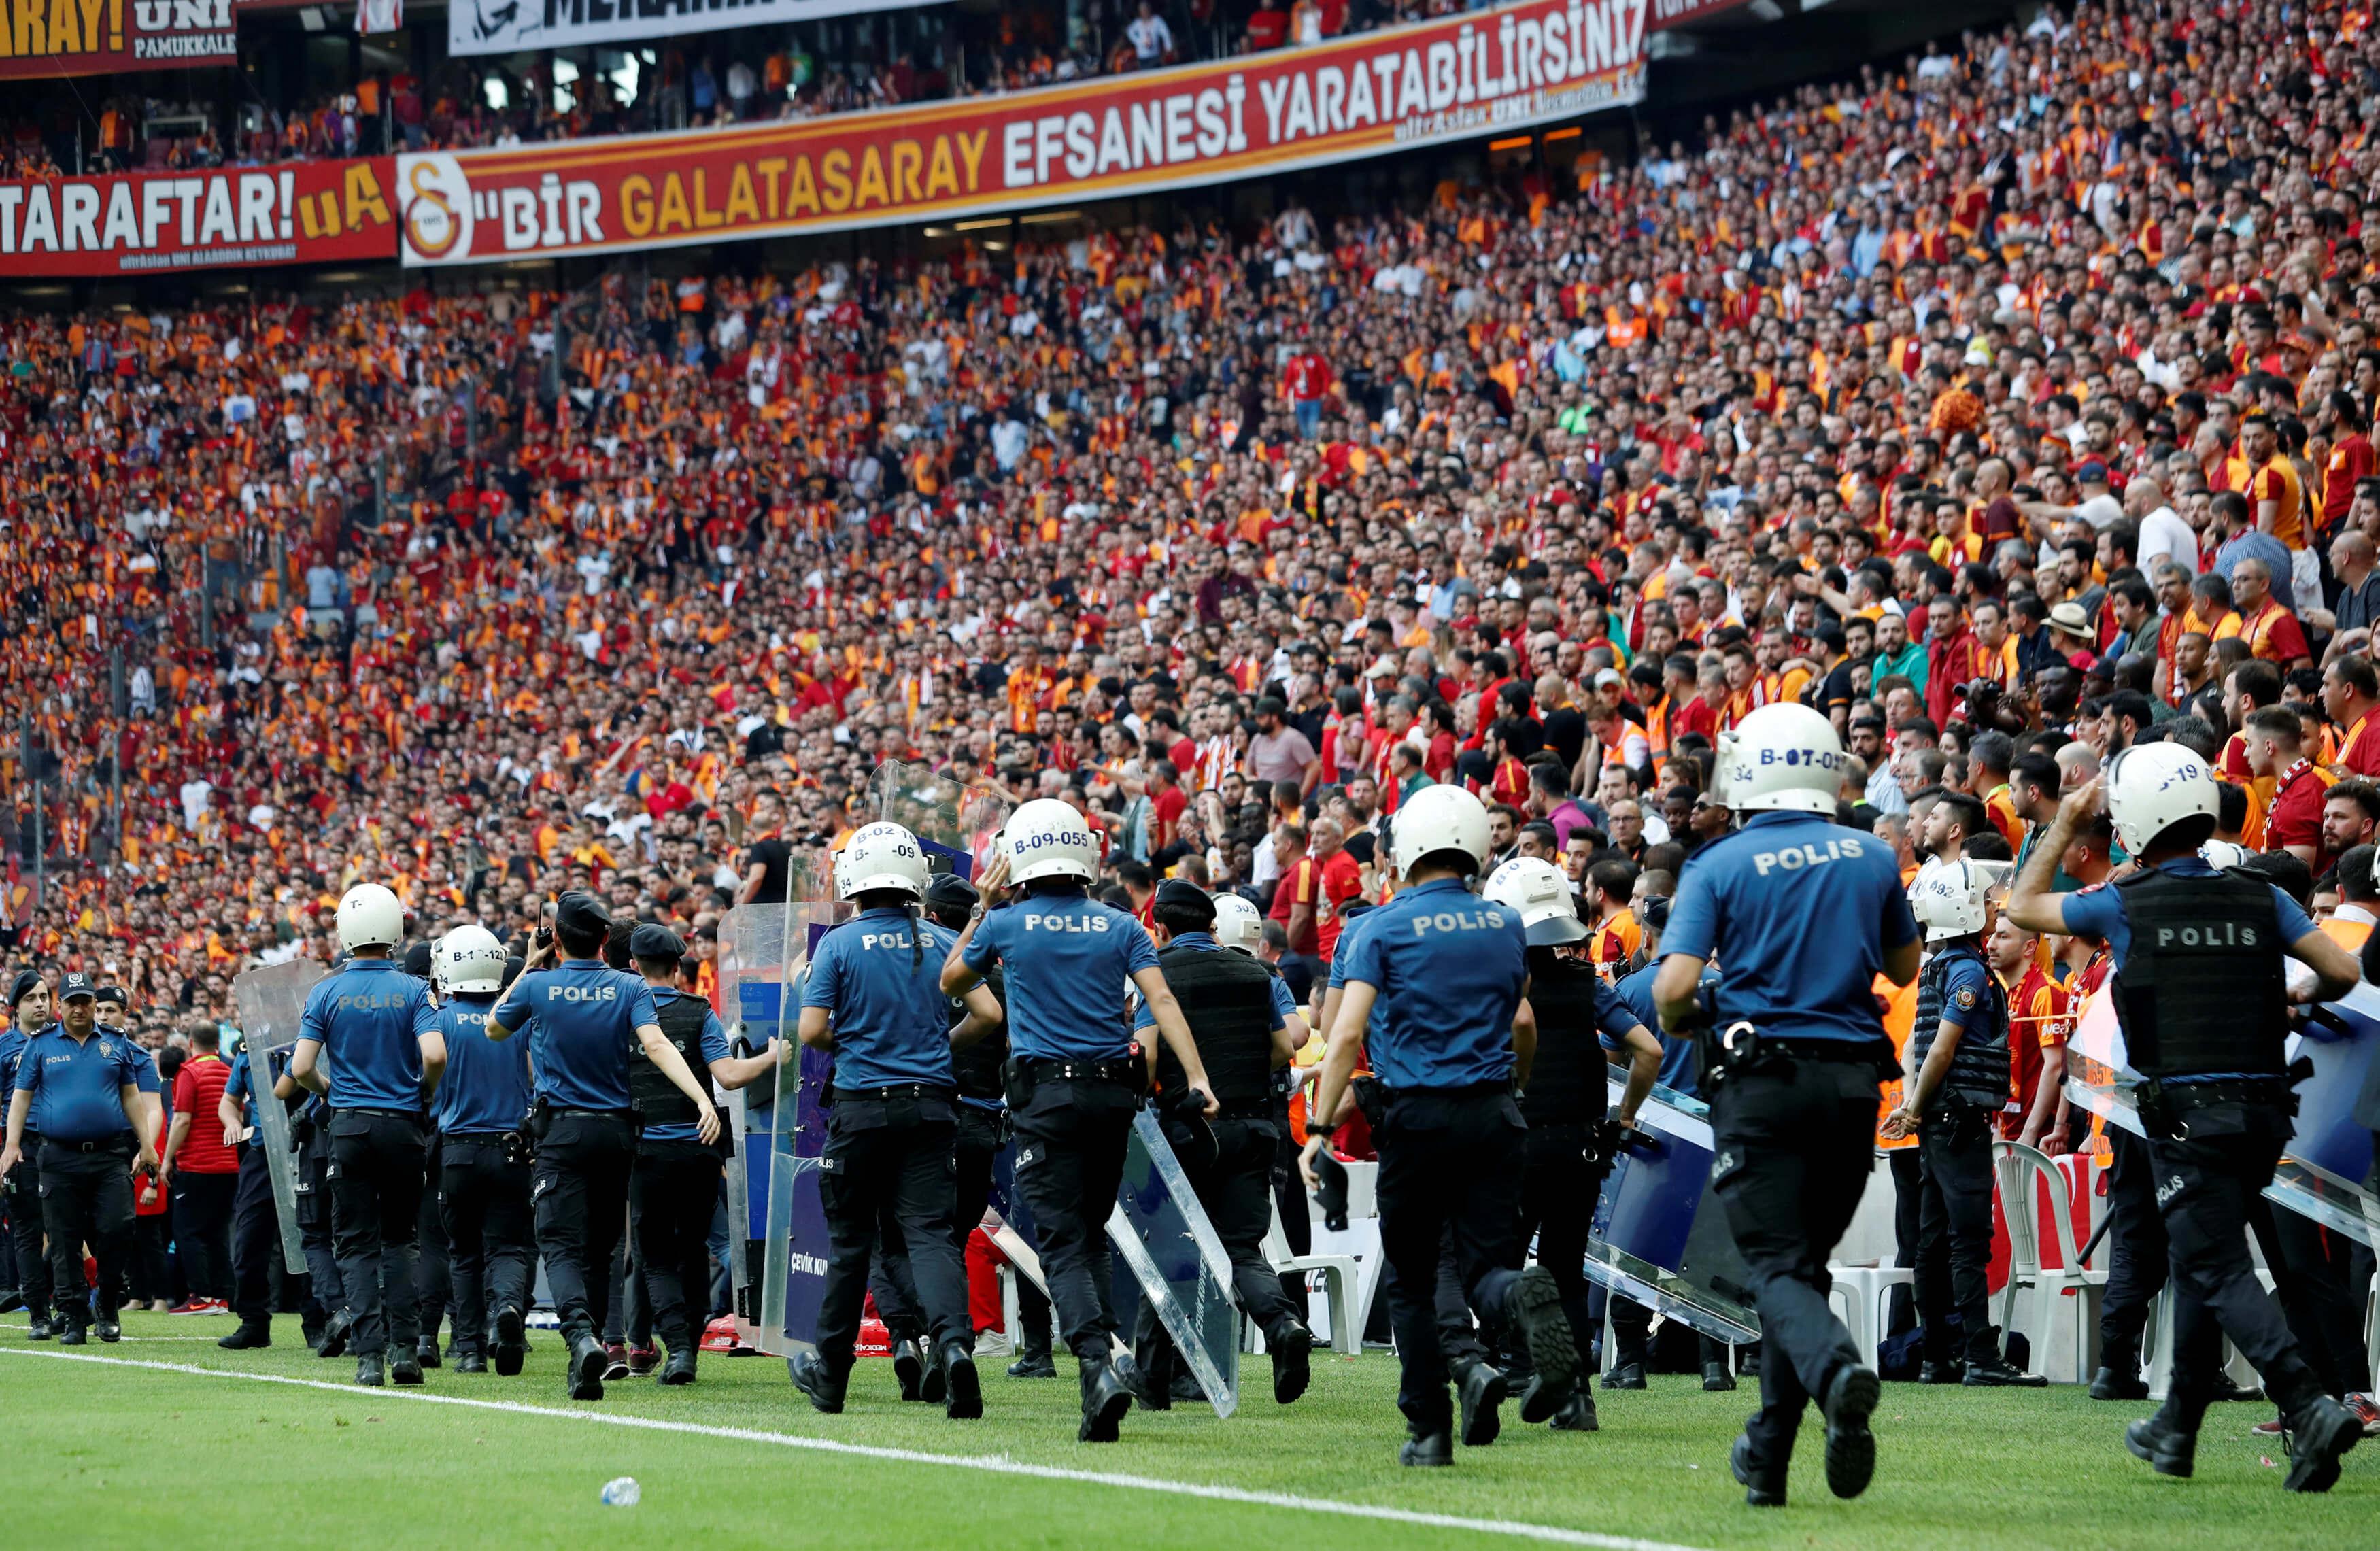 Στην Τουρκία συζητάνε τελικά για διακοπή των πρωταθλημάτων